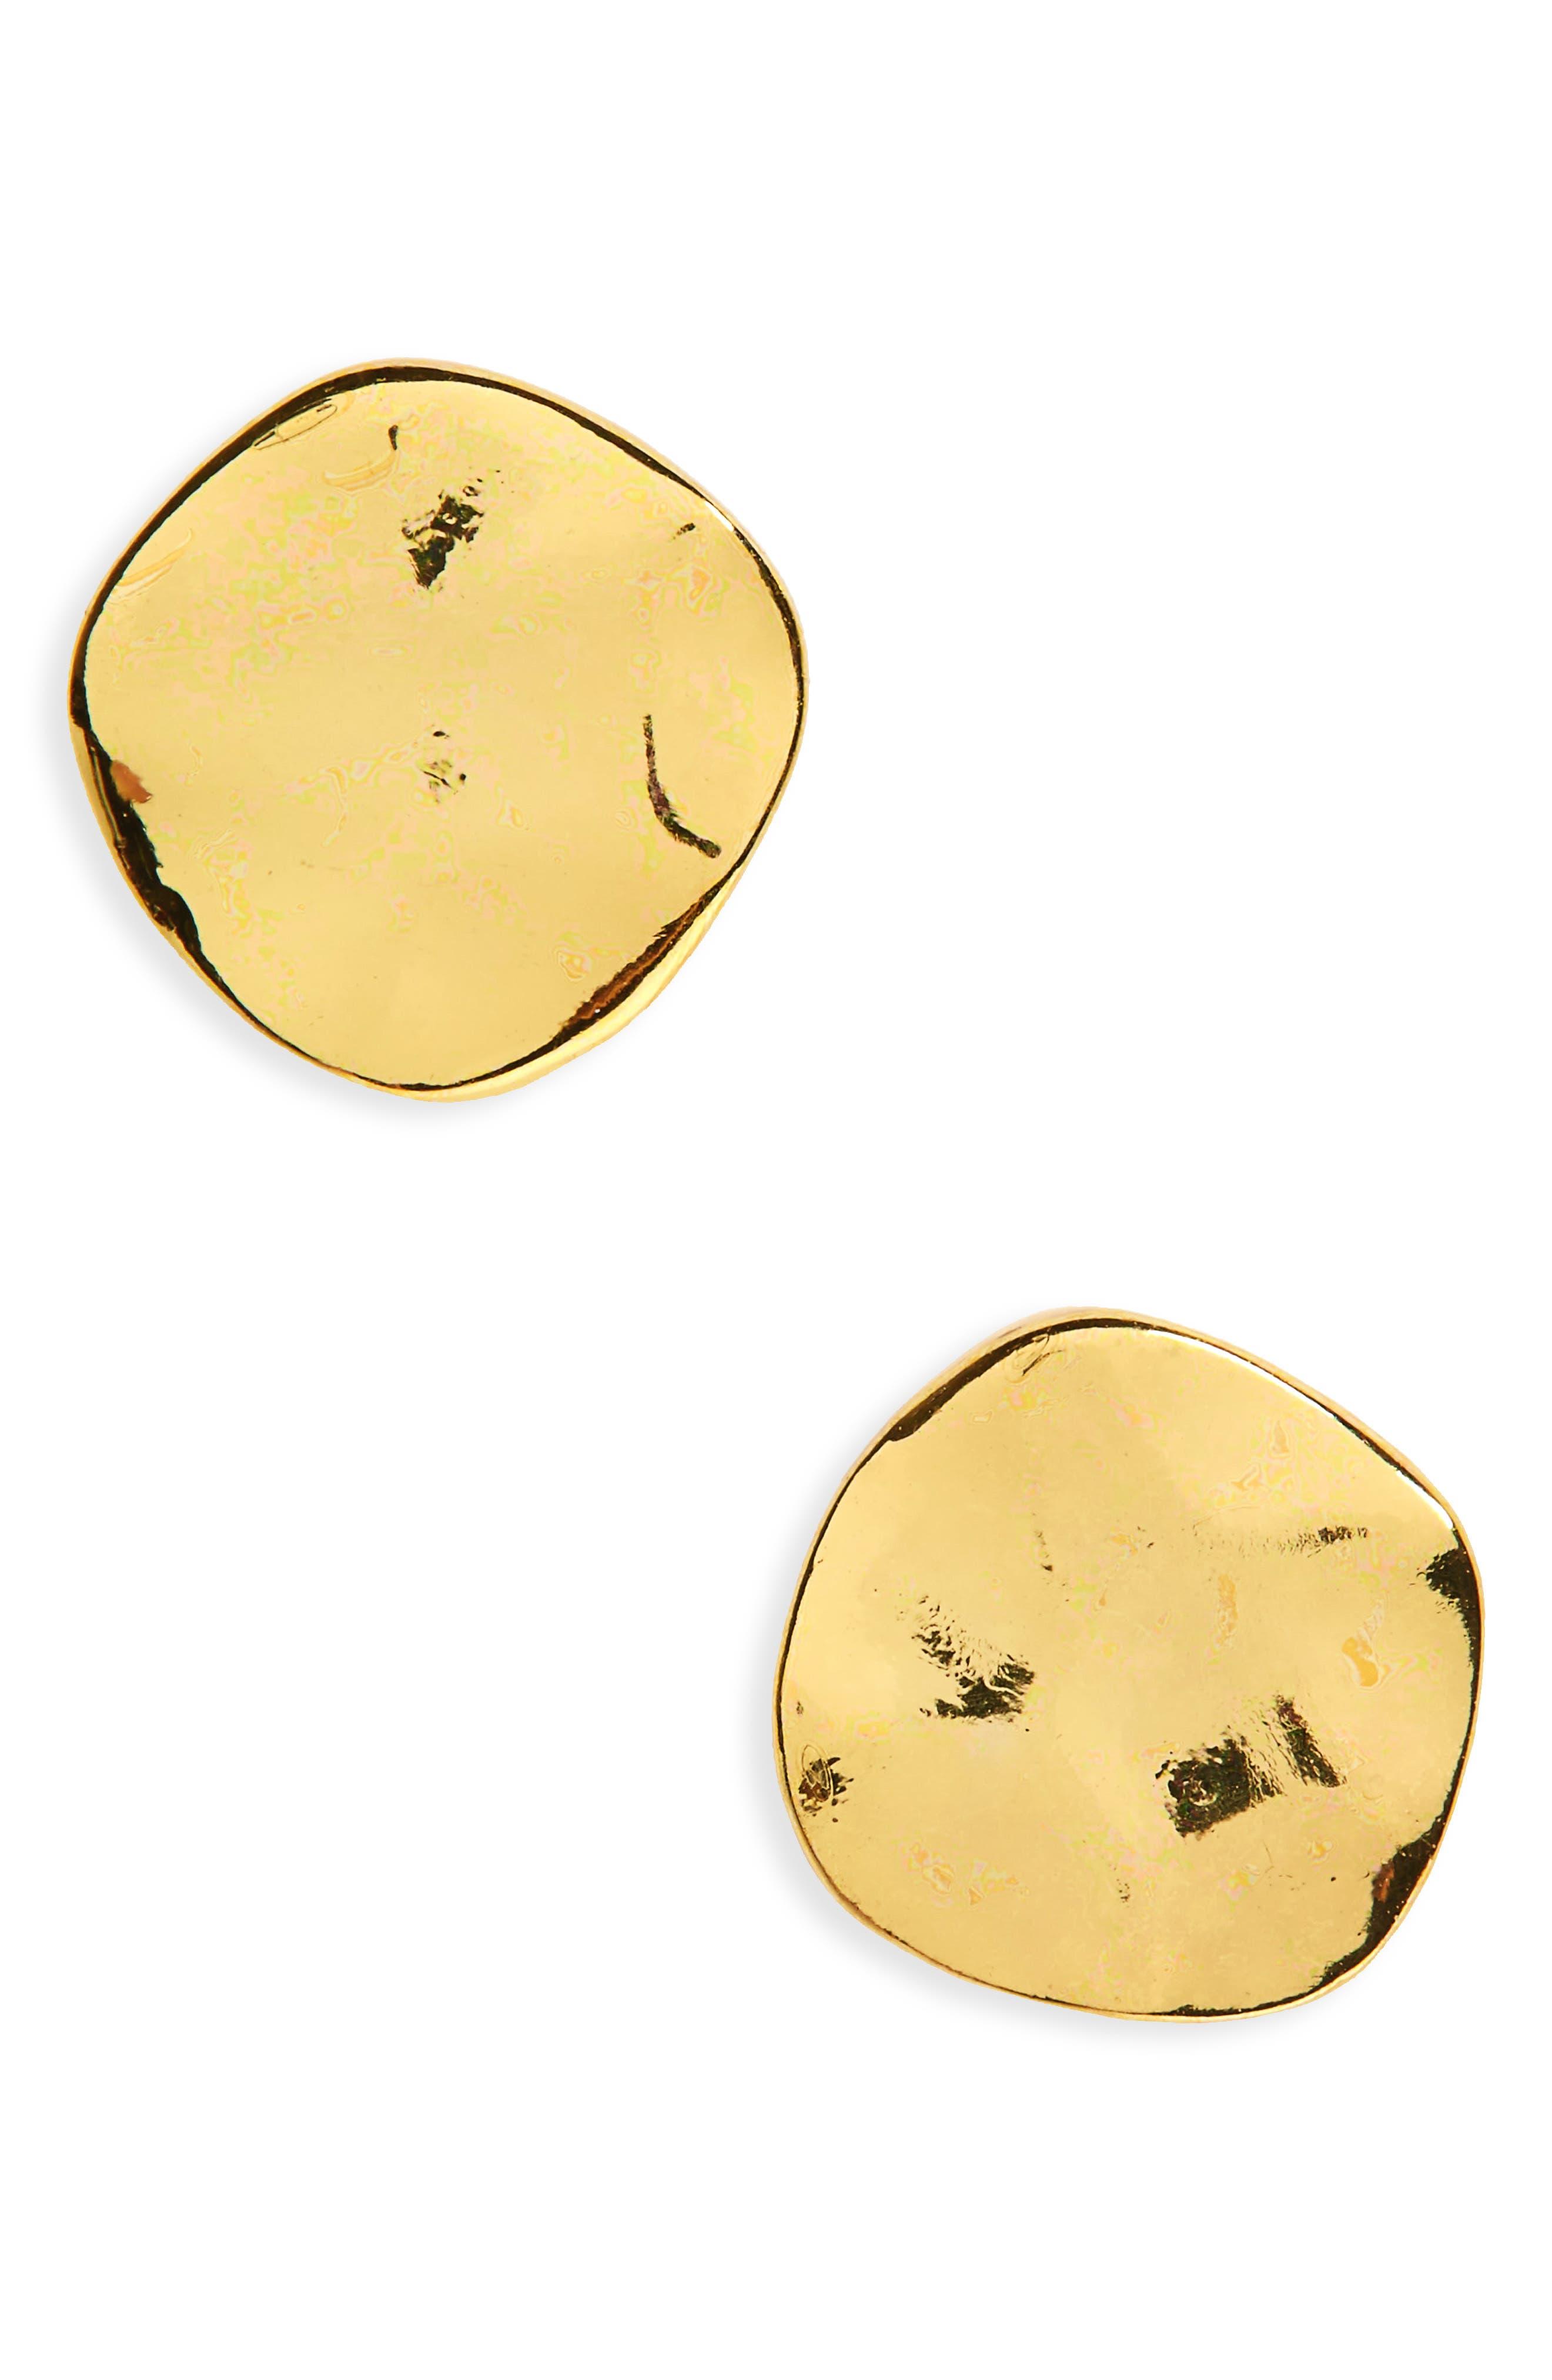 Main Image - gorjana 'Chloe' Small Stud Earrings